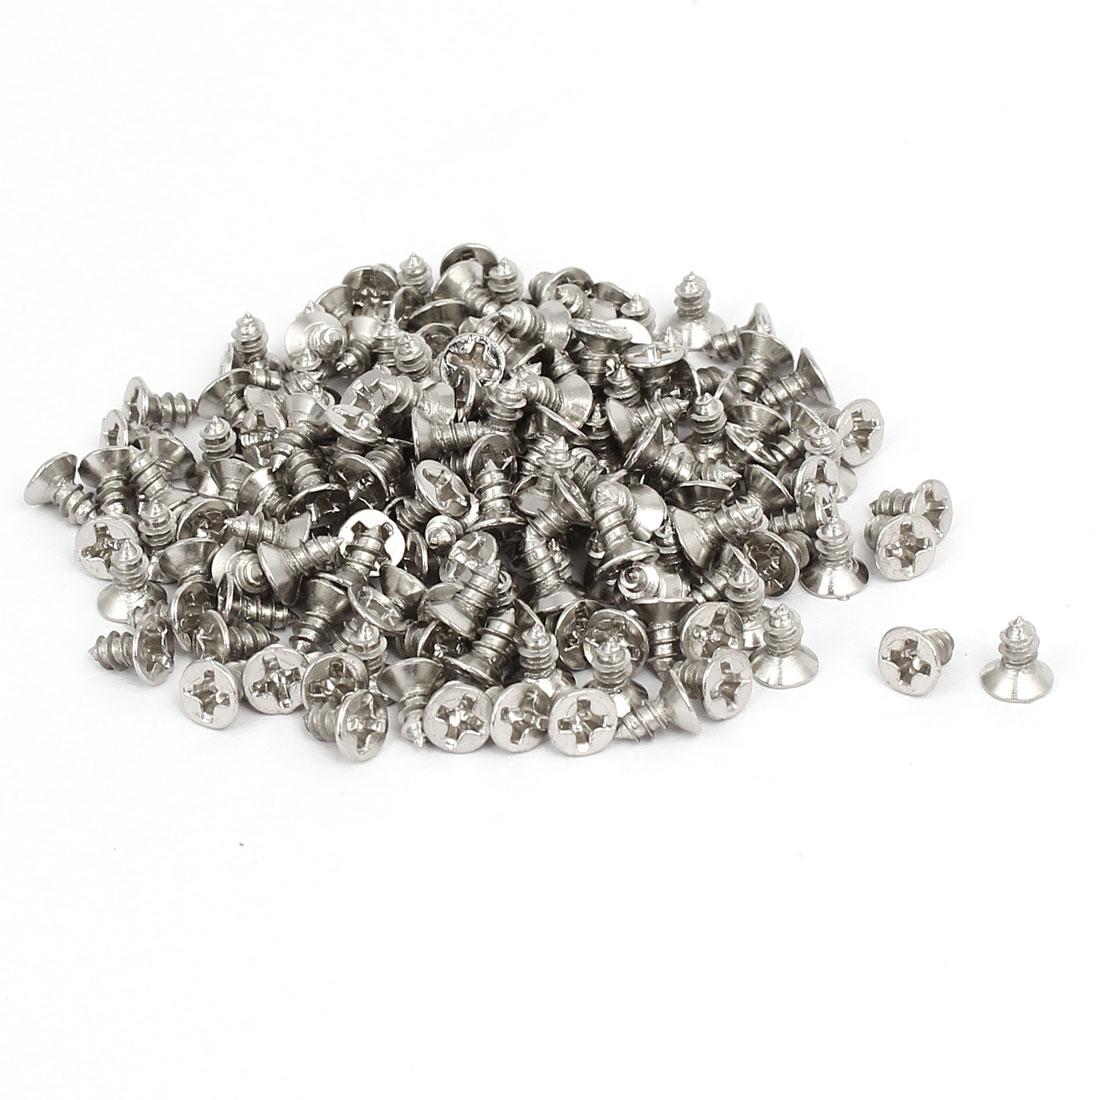 M3 x 6mm Phillips Flat Head Self Tapping Screws Silver Tone 200pcs